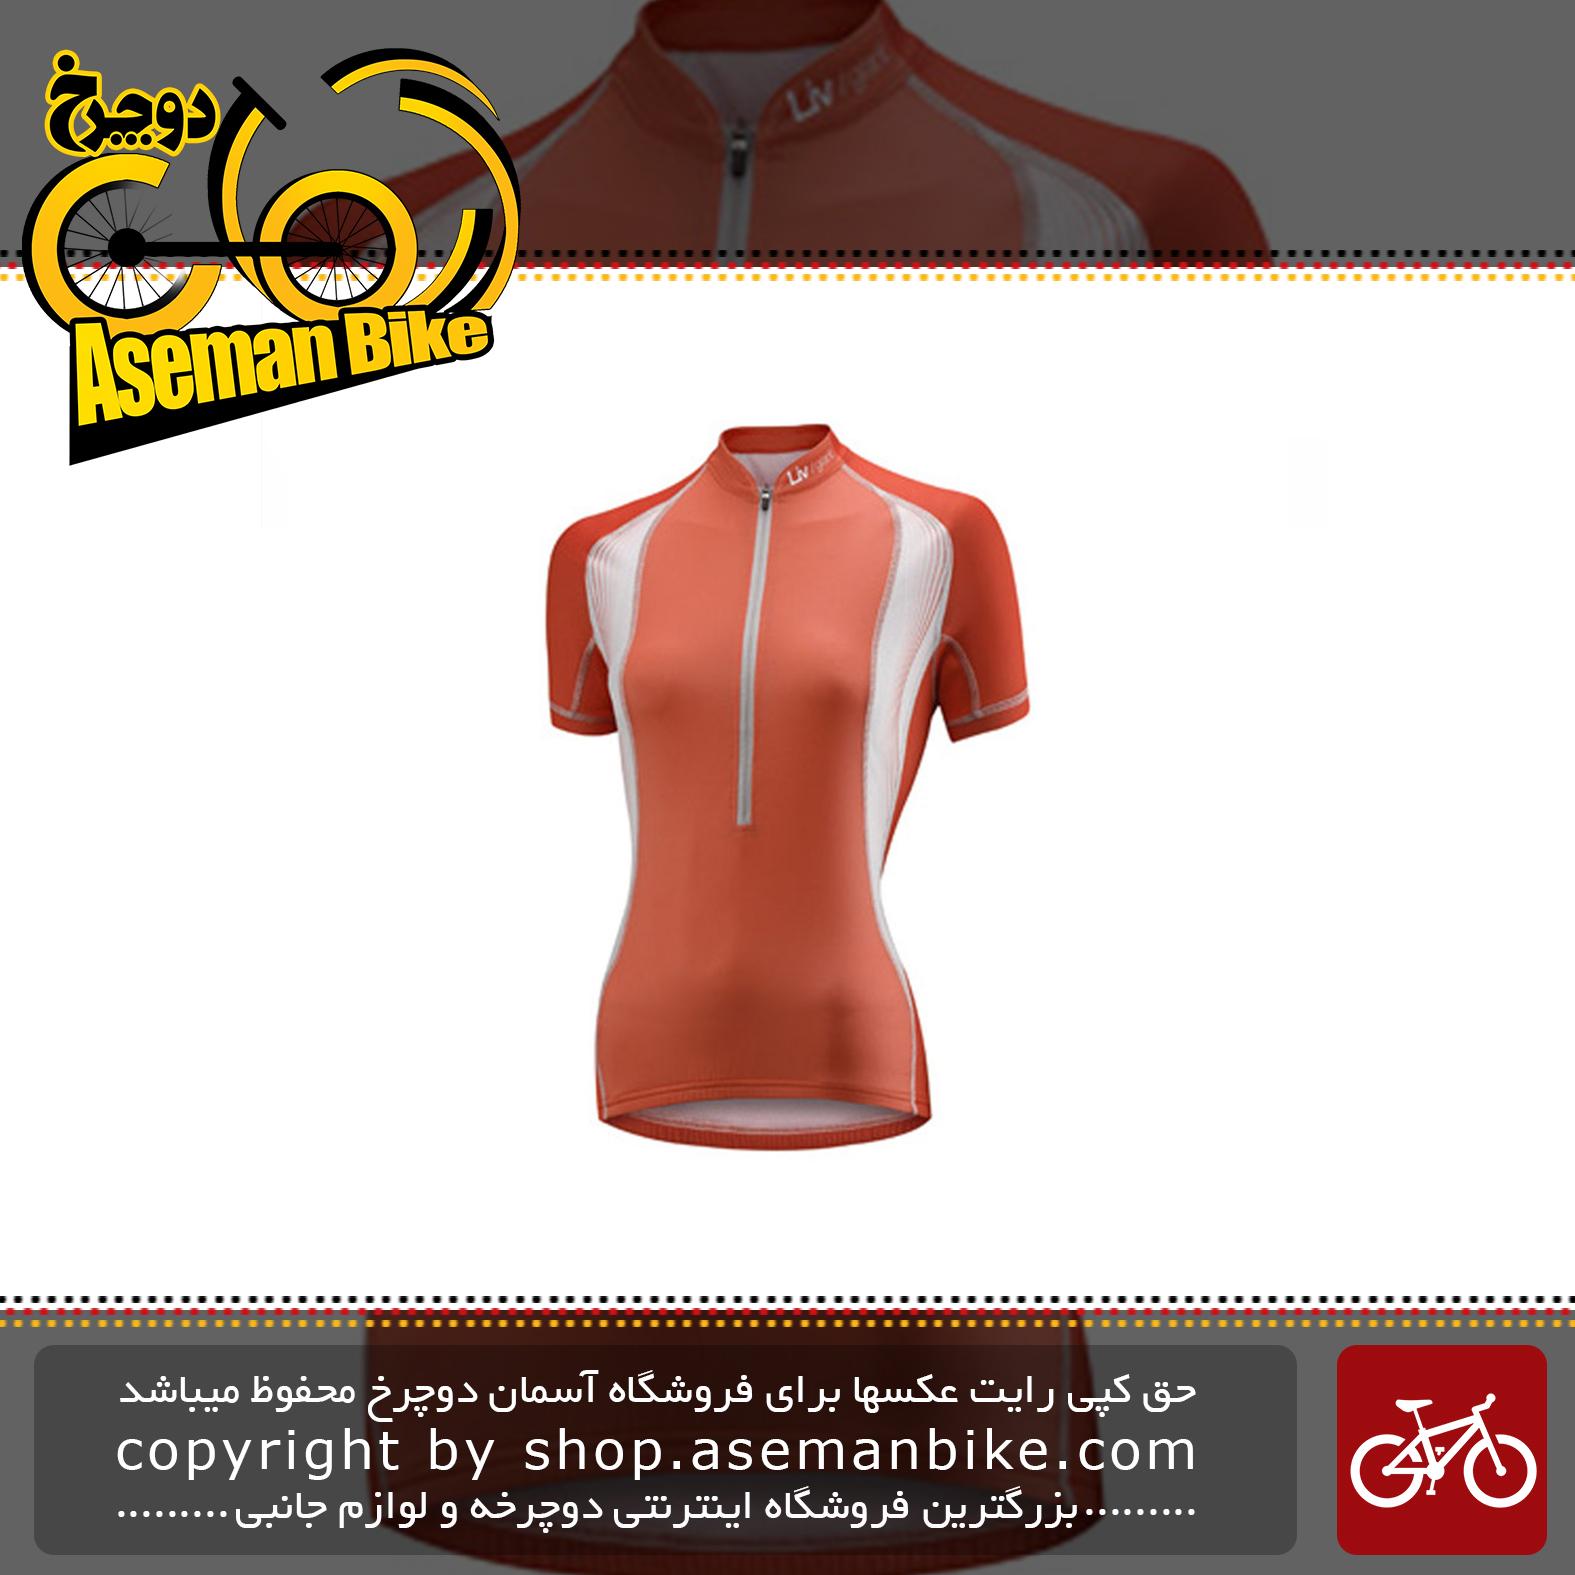 تی شرت زیپ دار لیو مدل ونتو اس اس جرسیGiant Vento SS Jersey